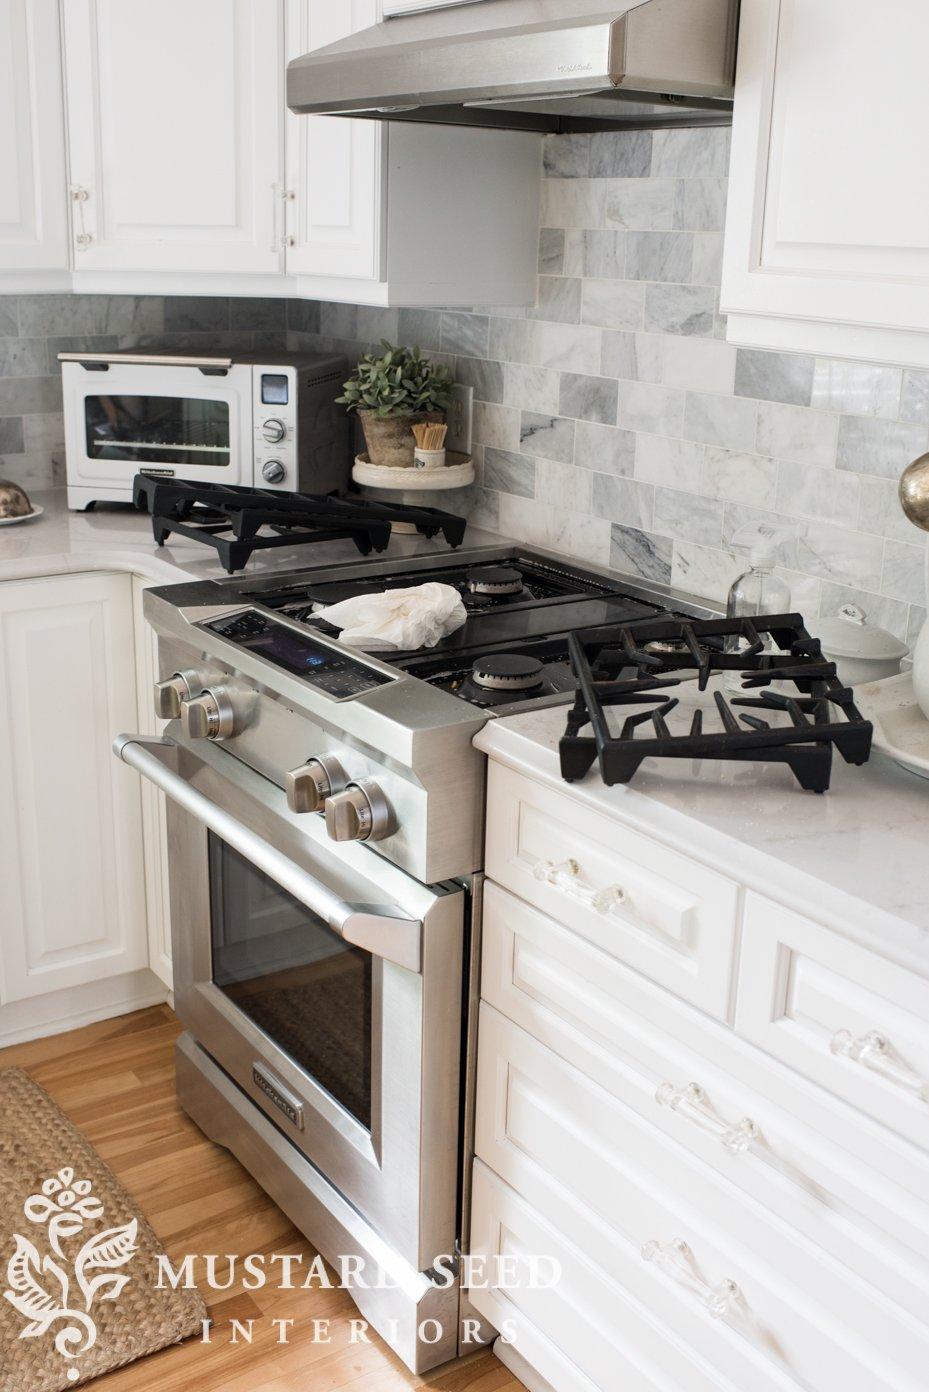 hanstone quartz monterey   kitchen counters   kitchen aid stove   miss mustard seed